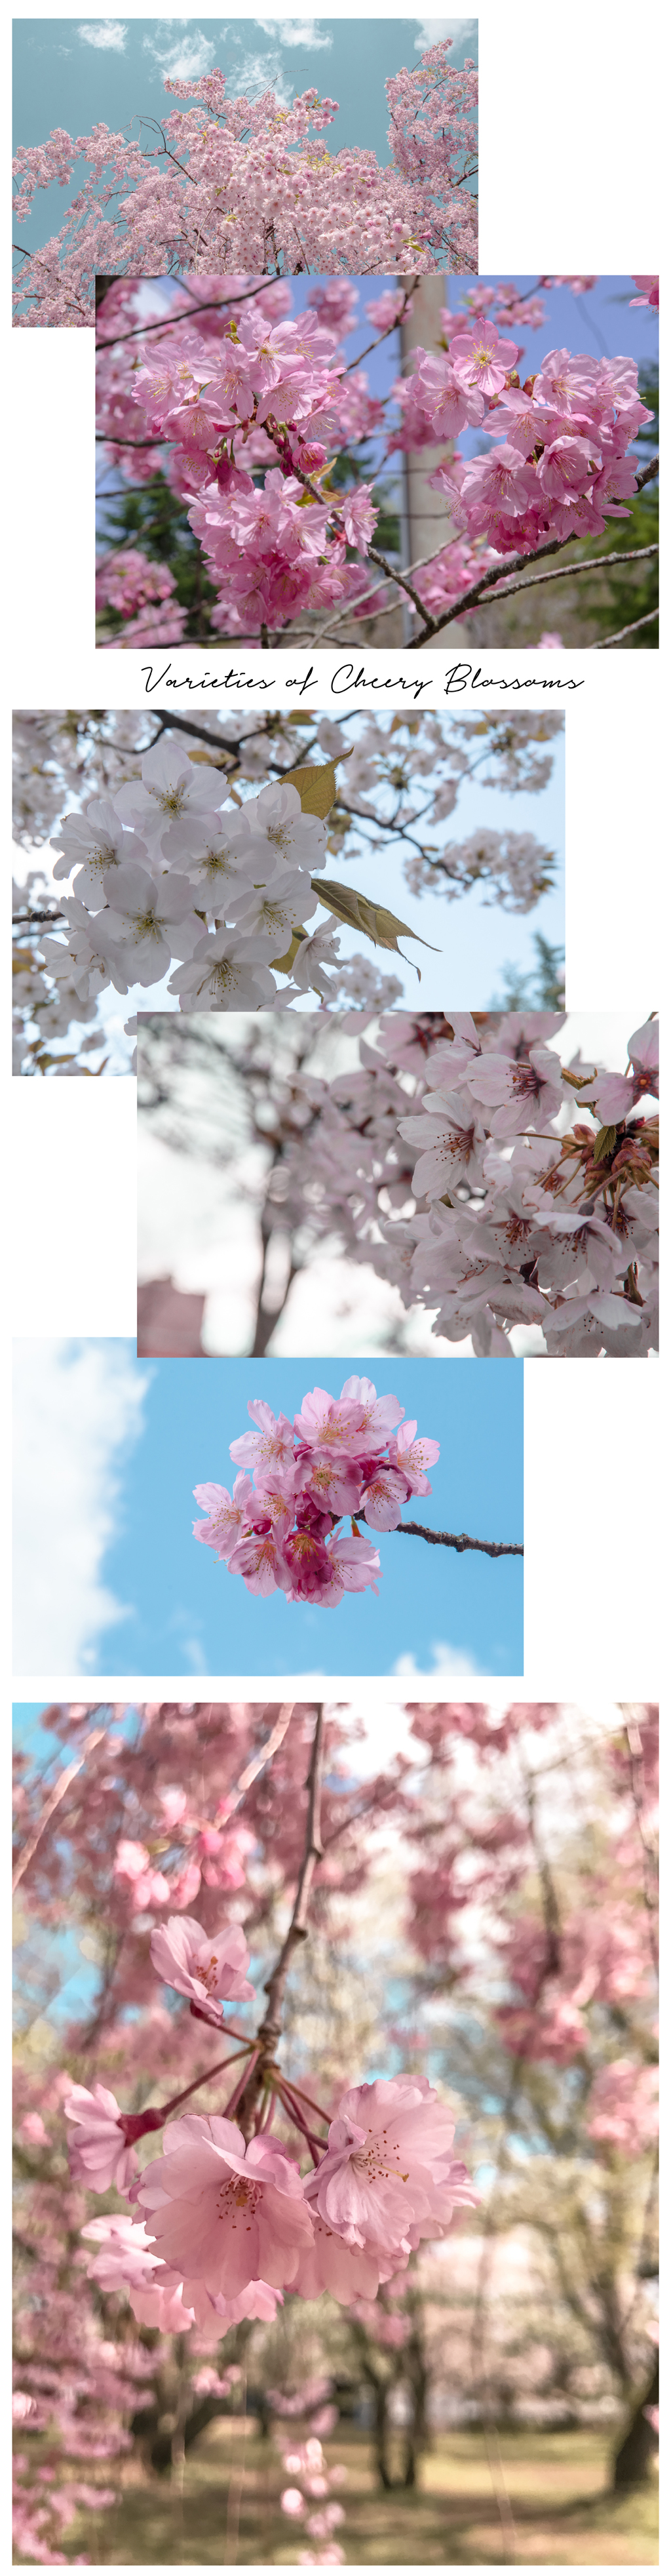 hirosaki-cherry blossoms